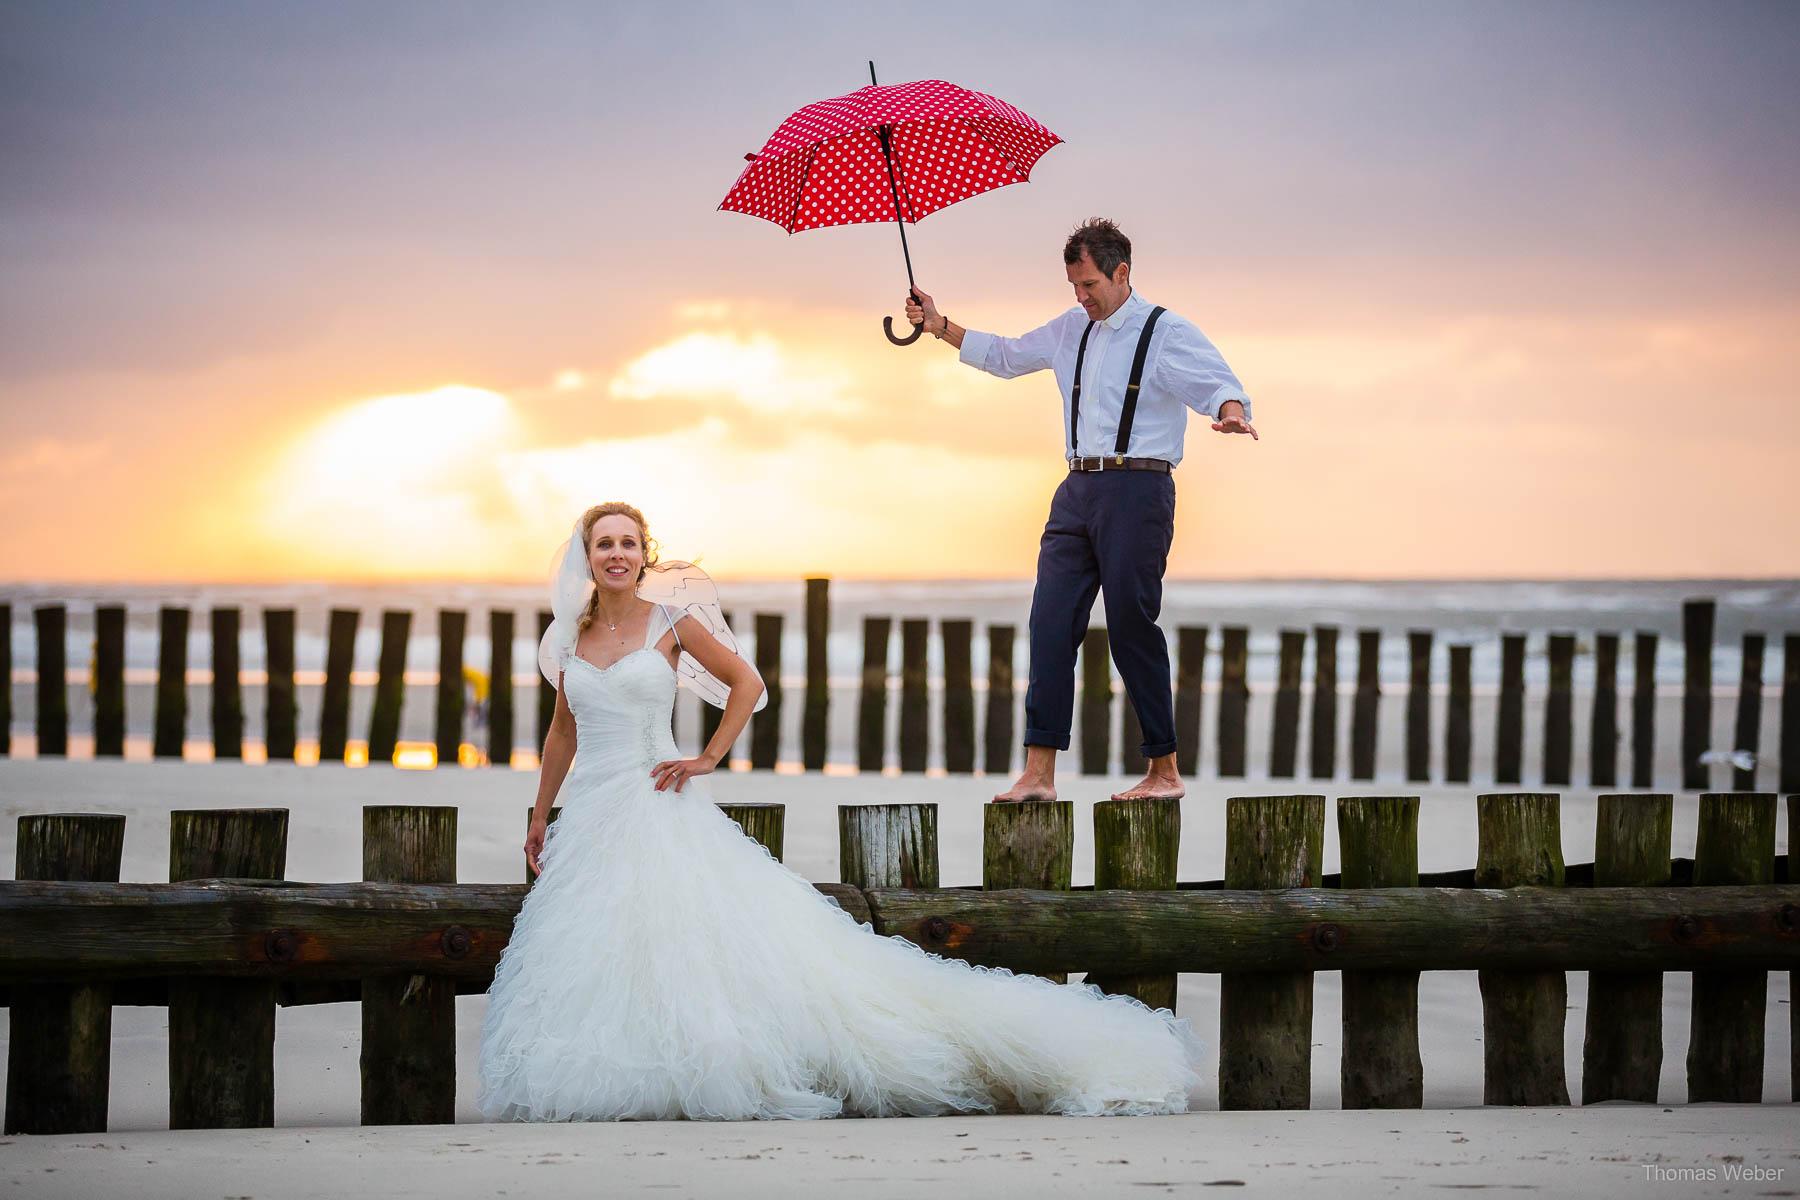 Hochzeitsfotograf in Ostfriesland für schöne Hochzeitsfotos auf den Inseln der Nordsee